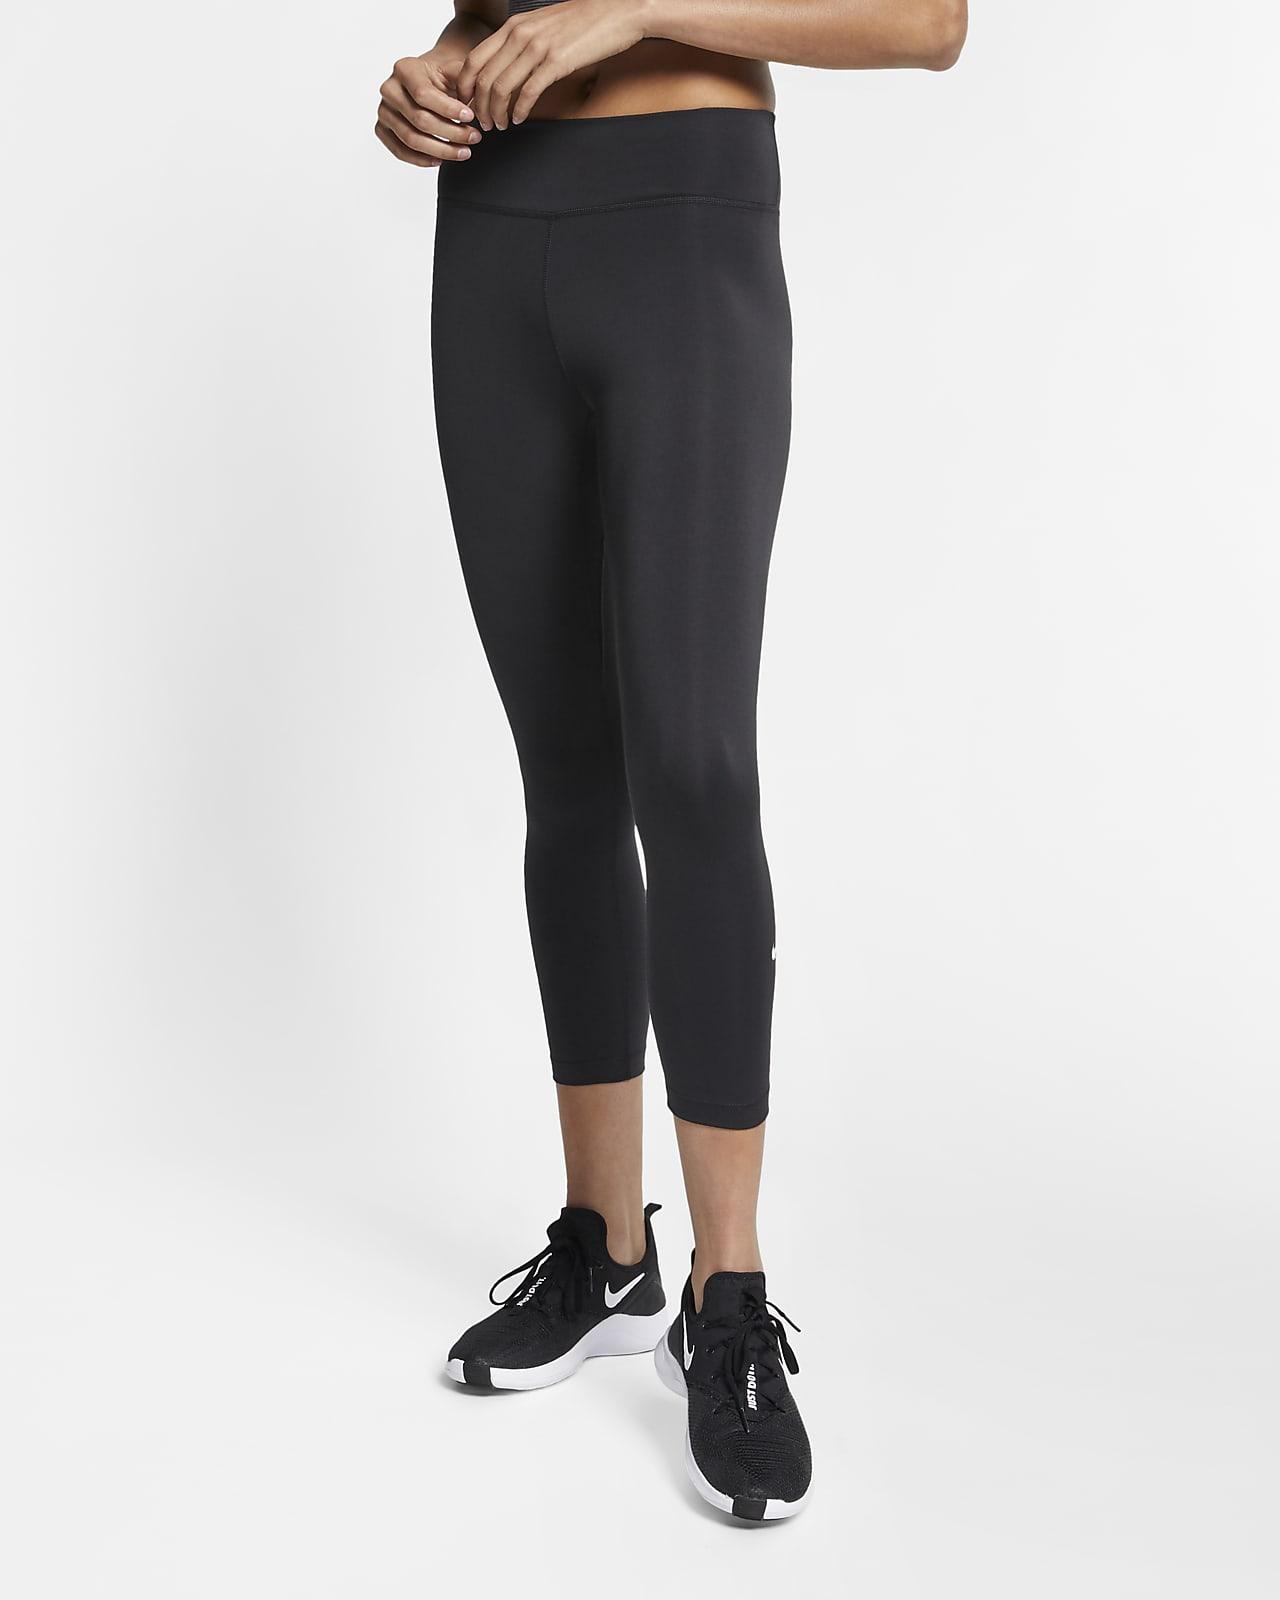 กางเกงผู้หญิง 5 ส่วน Nike One